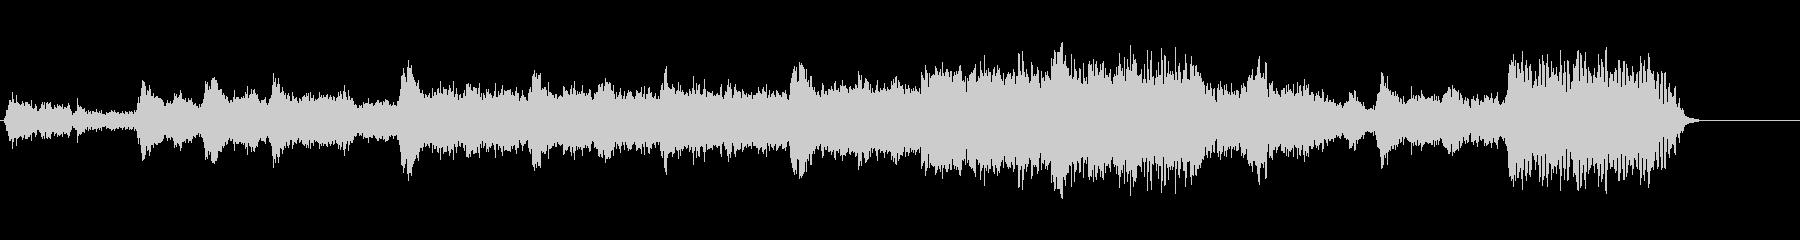 シンセサイザーの響き渡るヒーリングの未再生の波形